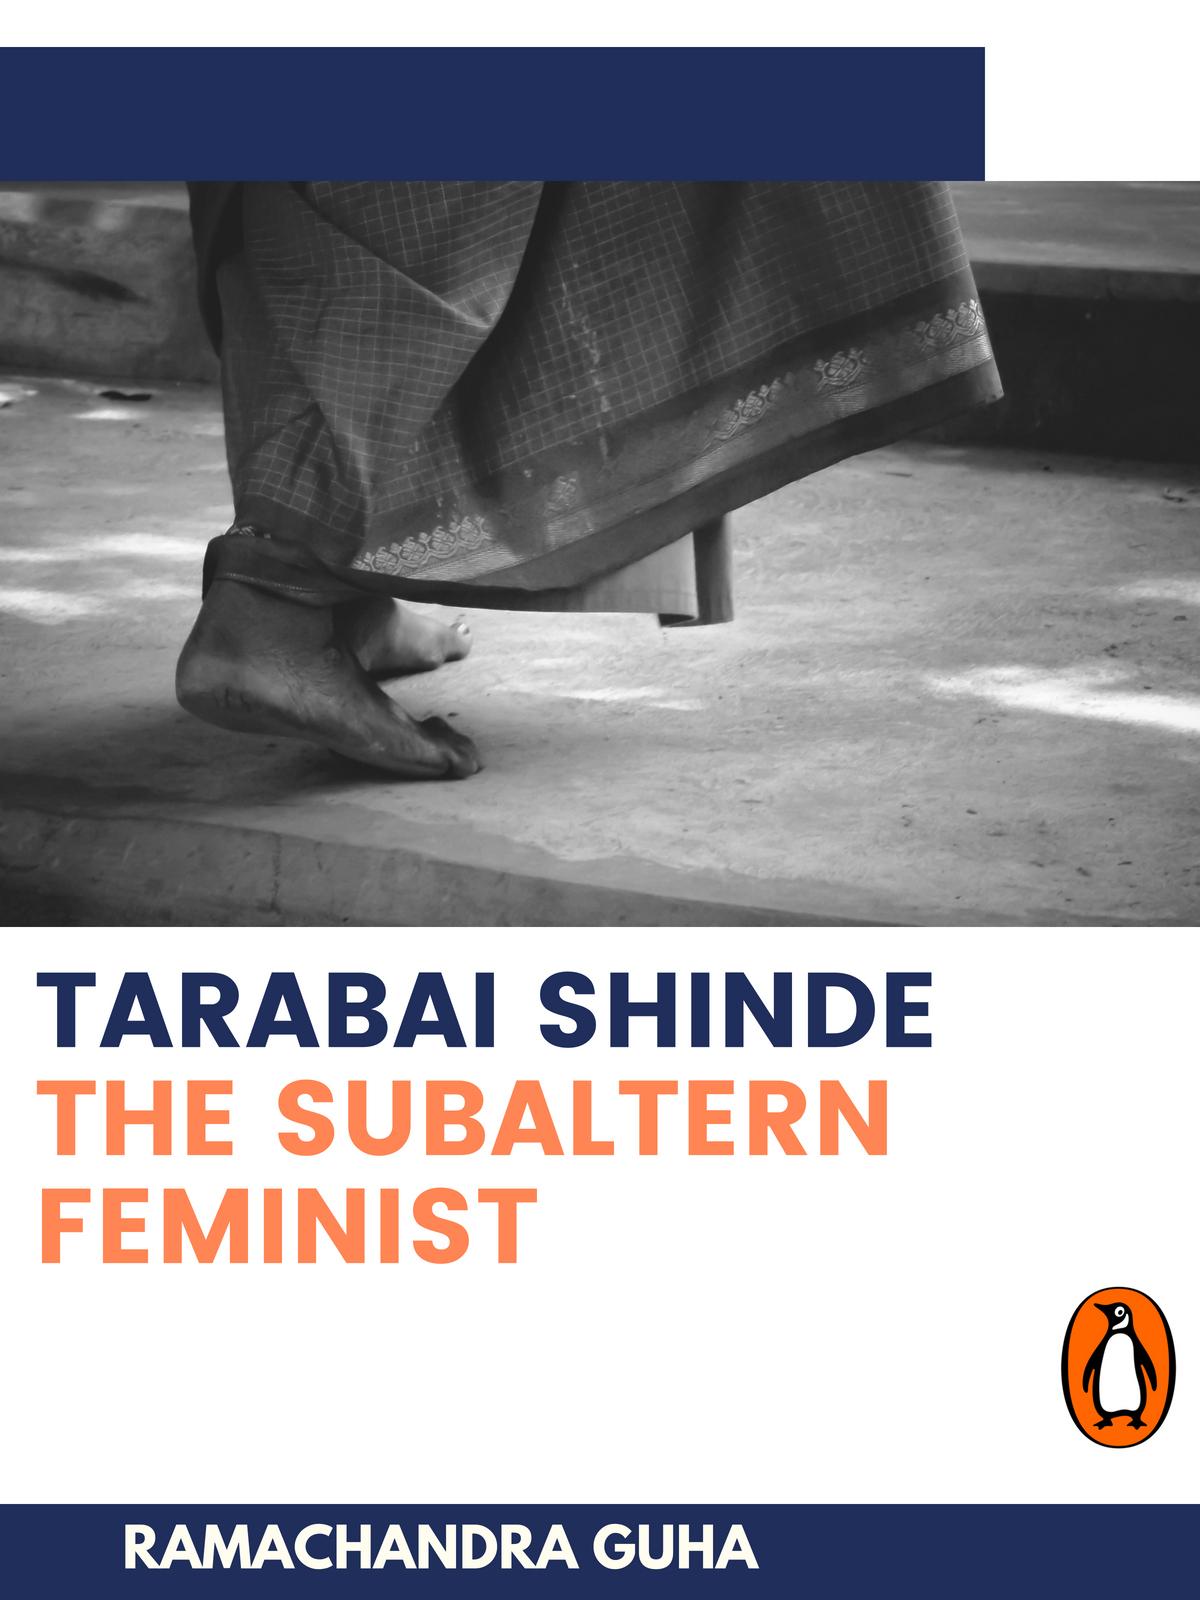 Tarabai Shinde